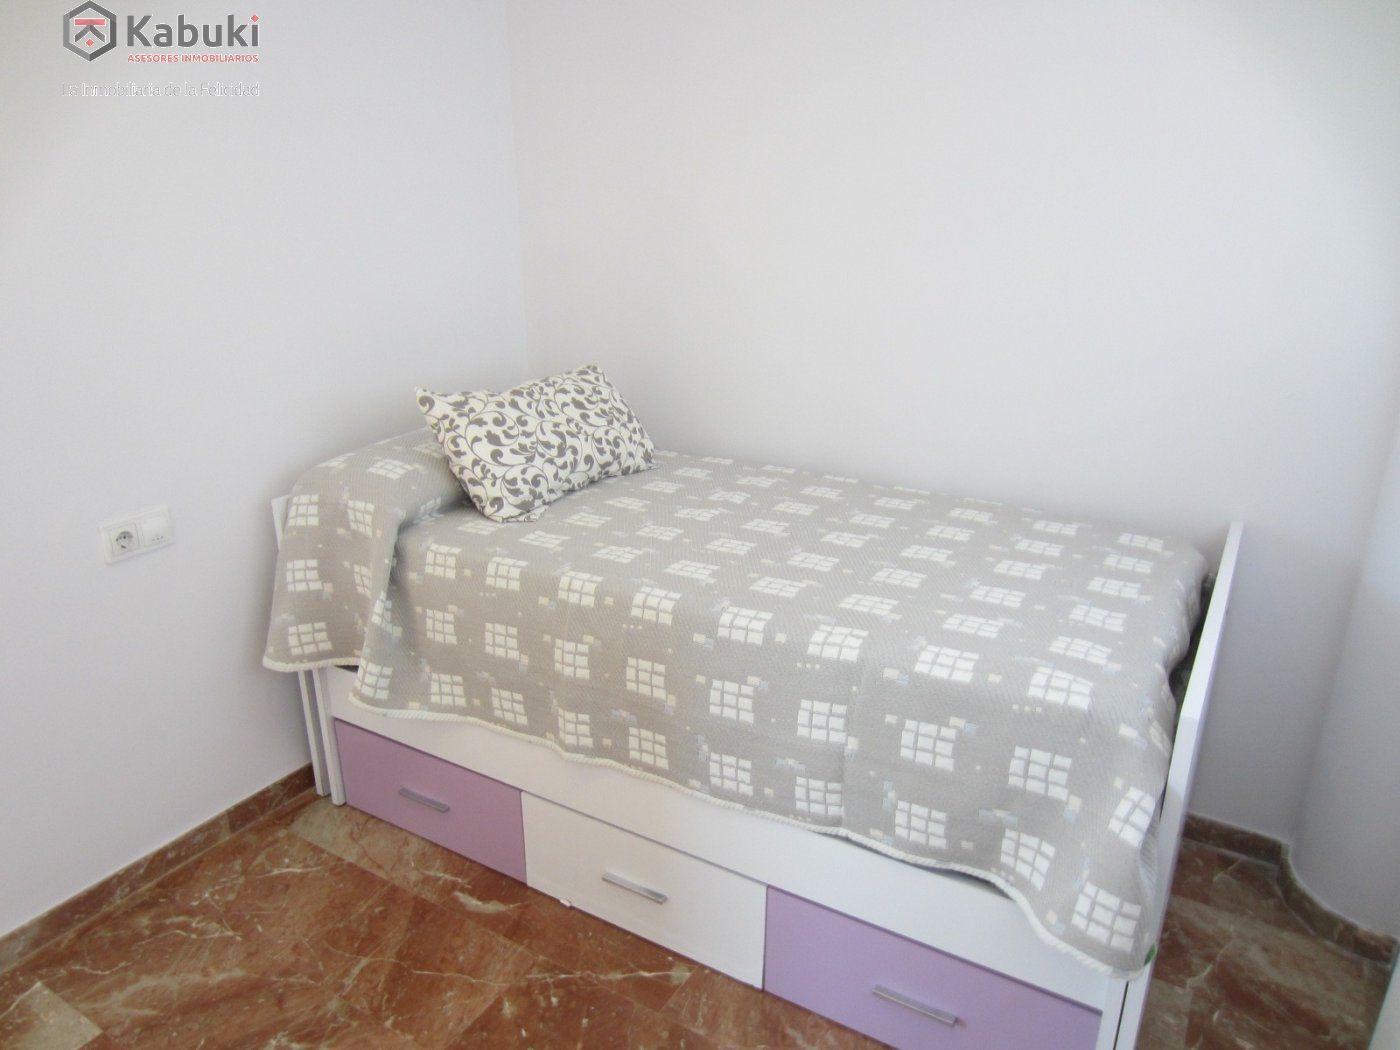 Ático con vistas despejadas en zona residencial, 3 dormitorios, inmejorables calidades - imagenInmueble29